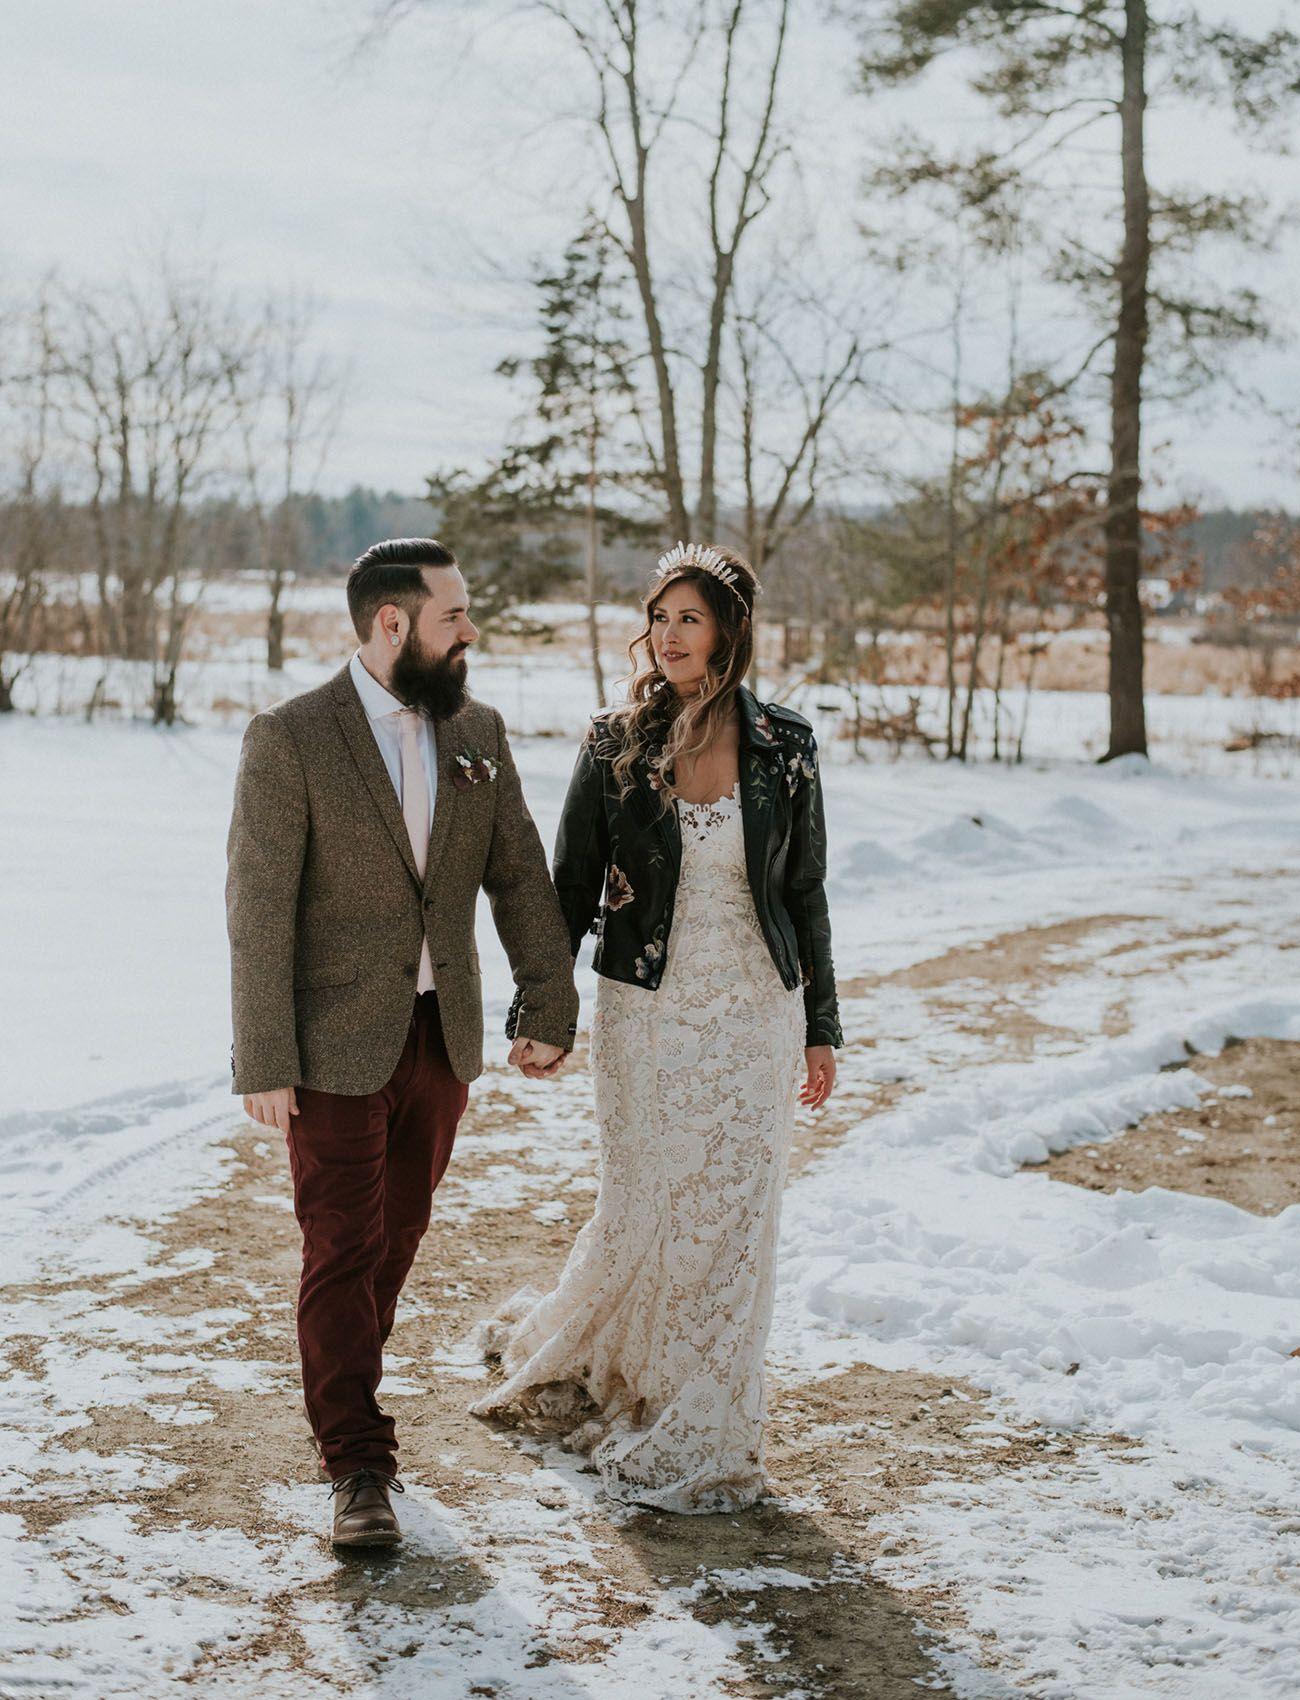 ab494f89355a Edgy Wedding Inspiration on a Cozy + Snowy Alpaca Farm | Bohemian ...